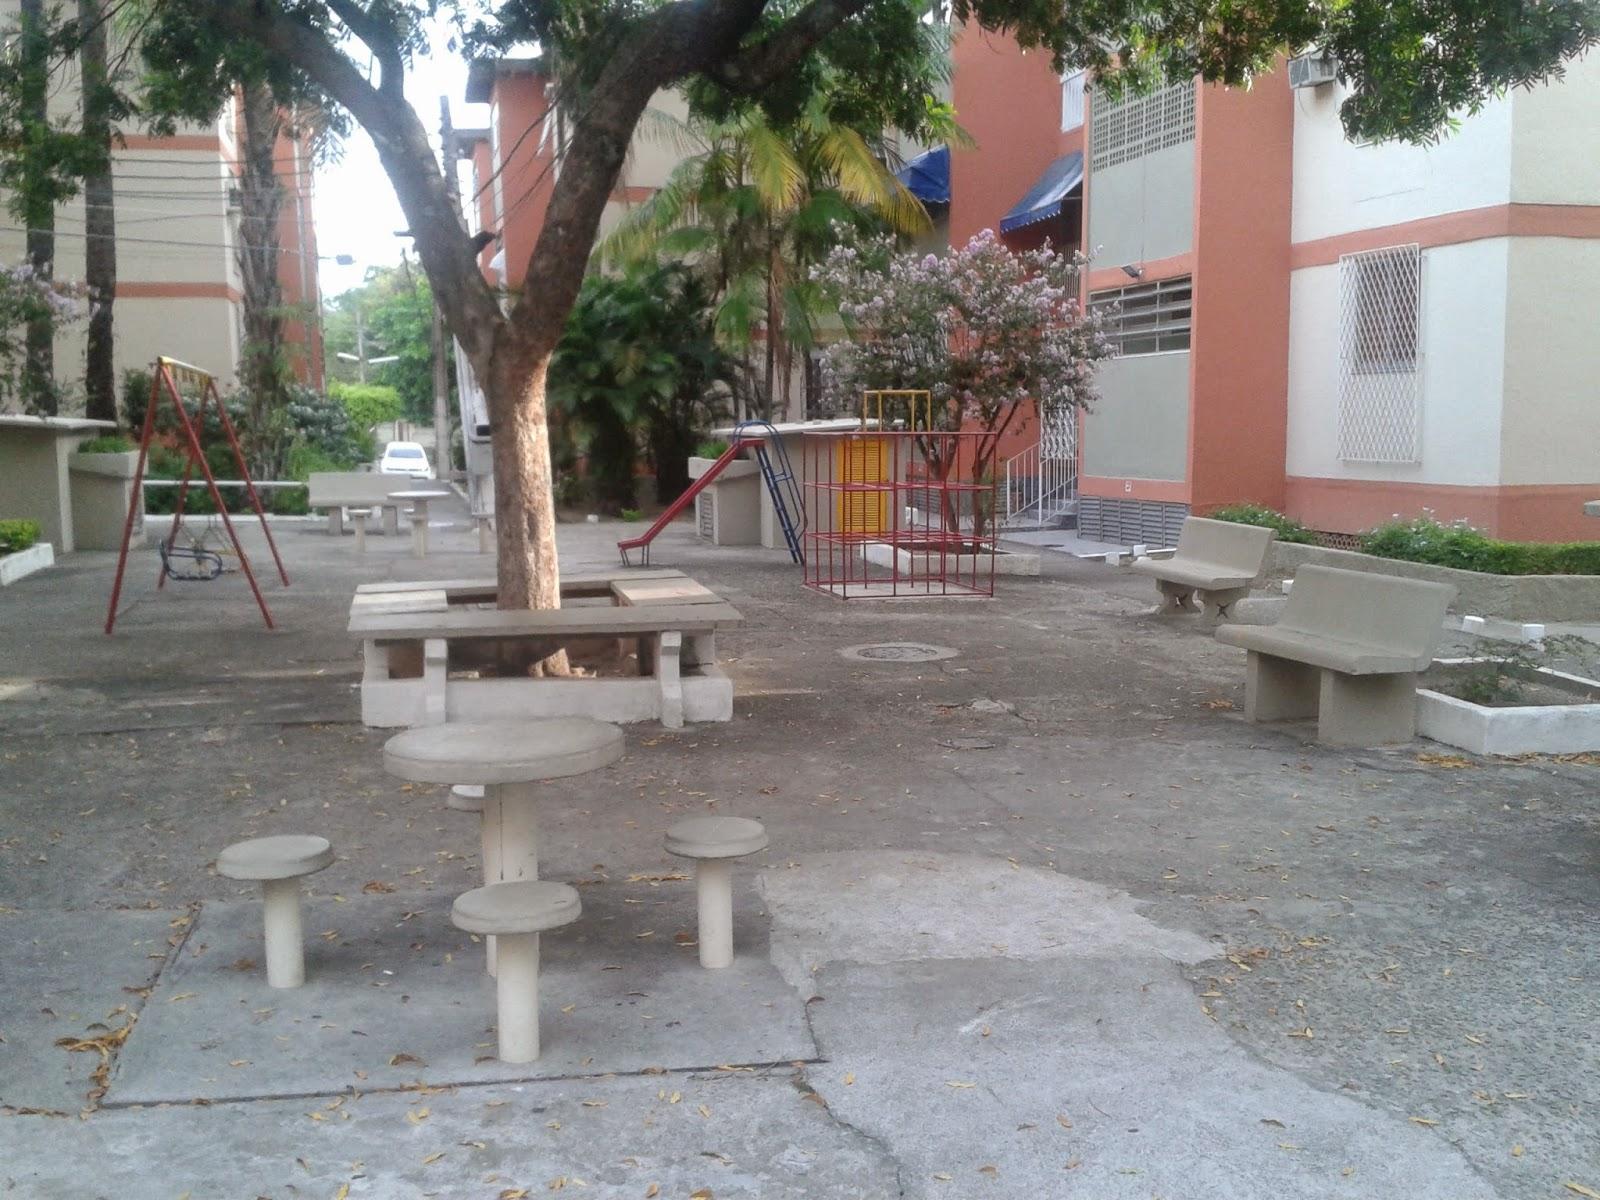 Imagens de #7D564E Apartamento Village Ilha do Governador Avelino Freire Imóveis 1600x1200 px 2886 Box Banheiro Ilha Do Governador